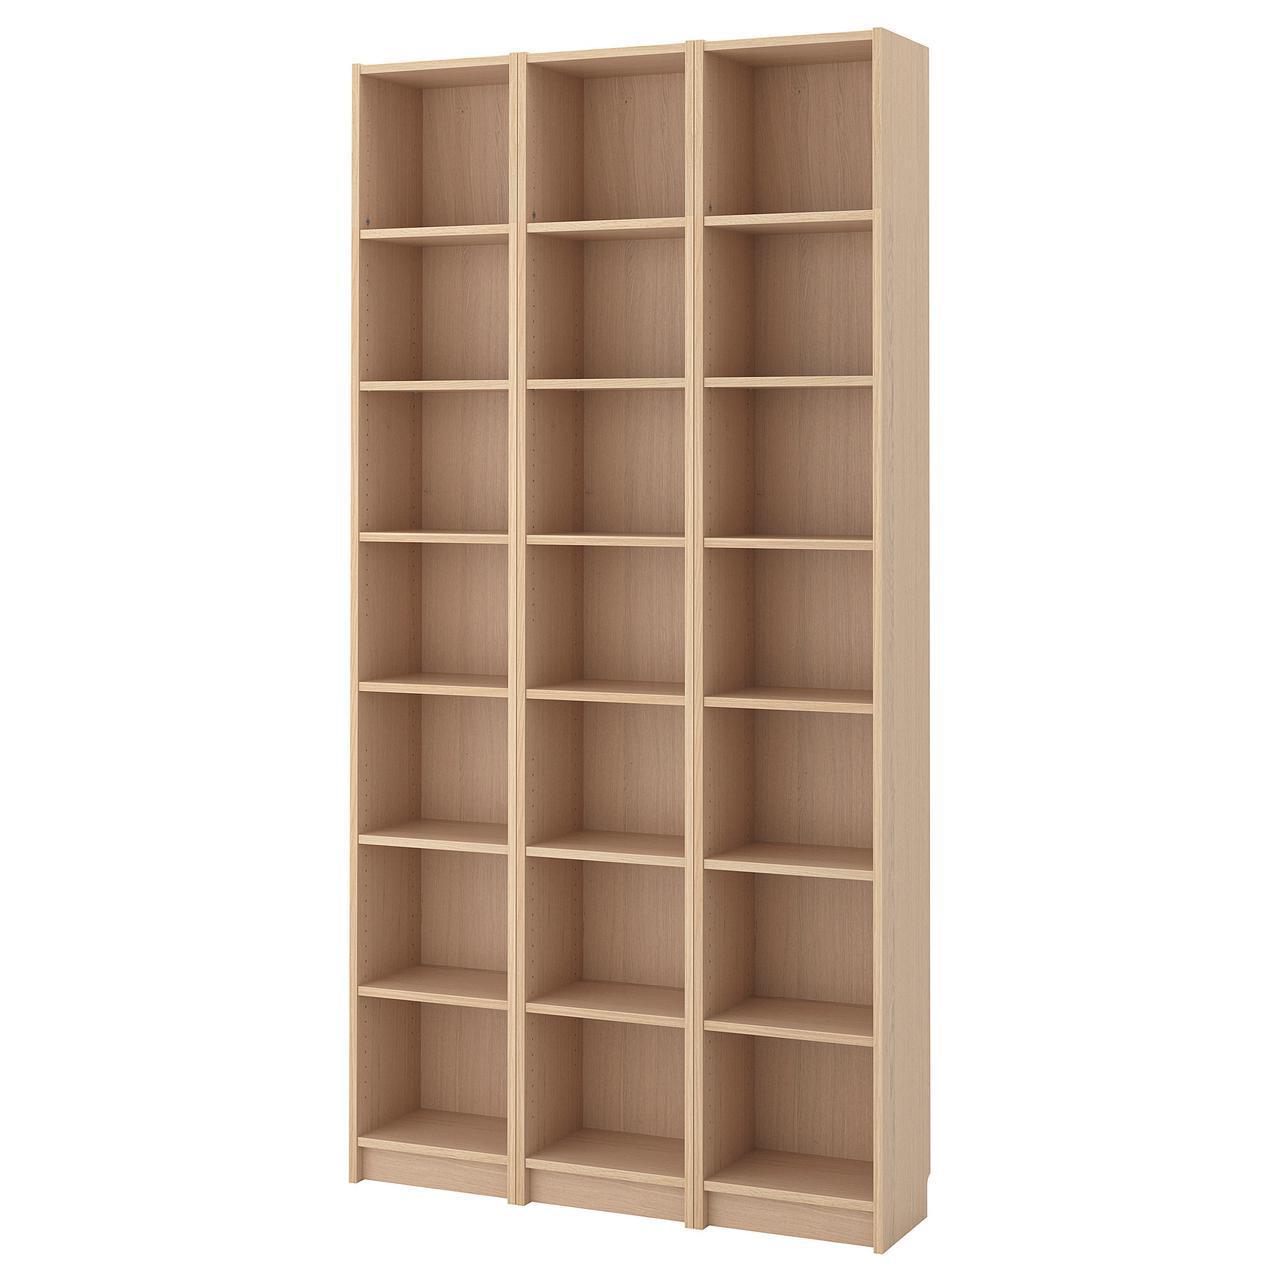 Стеллаж IKEA BILLY 120x237x28 см беленый дуб 592.499.42